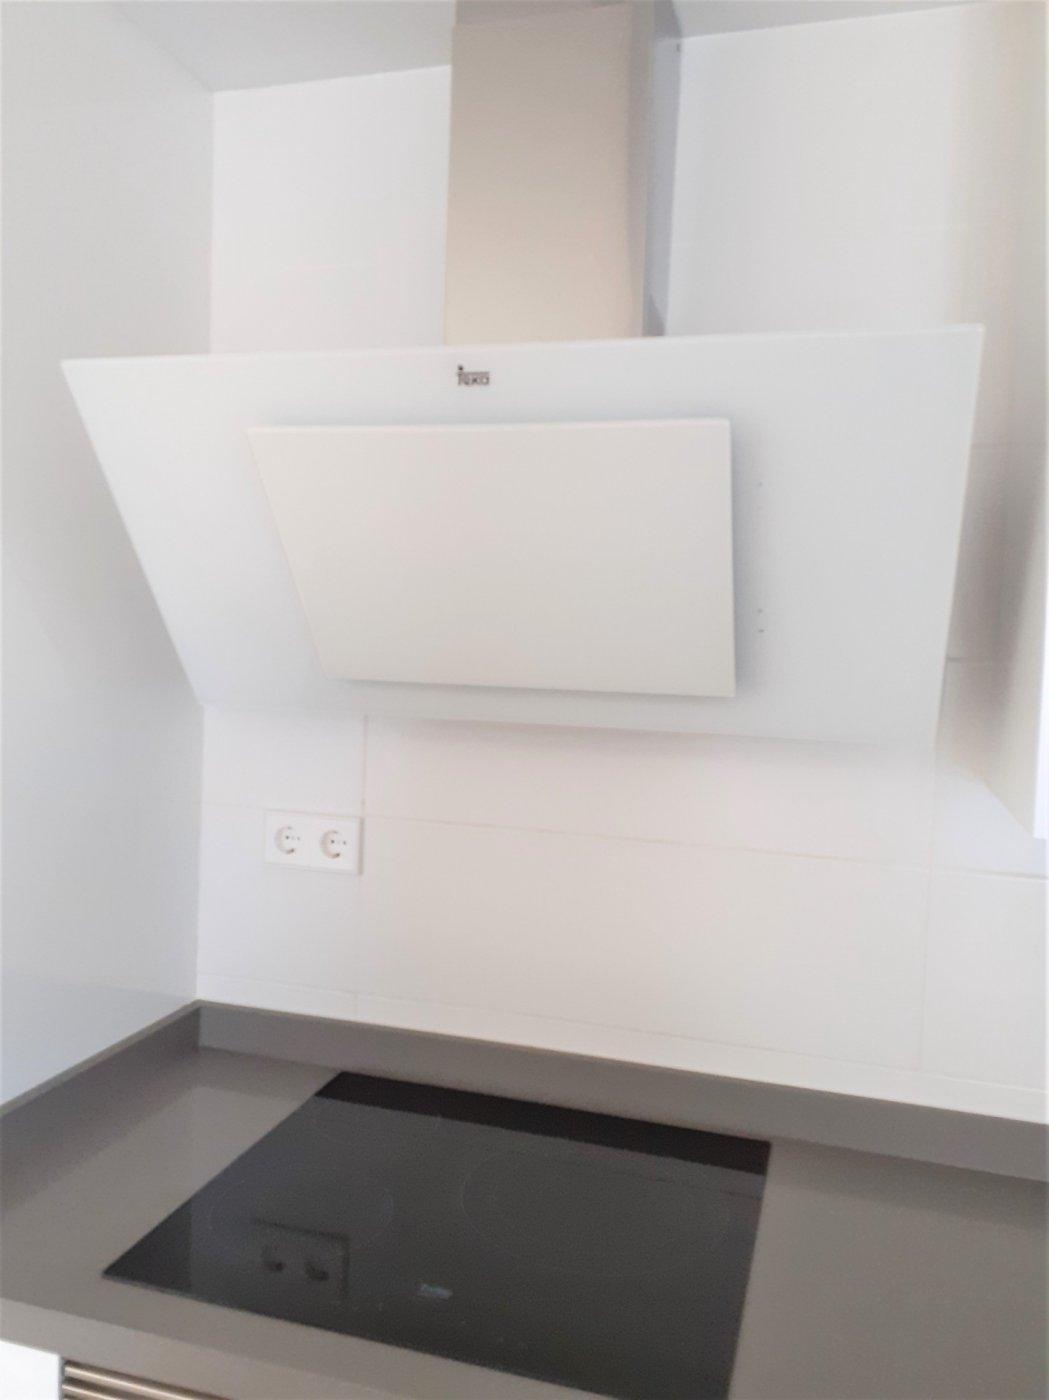 Moderno apartamento planta baja en el mojón - imagenInmueble6